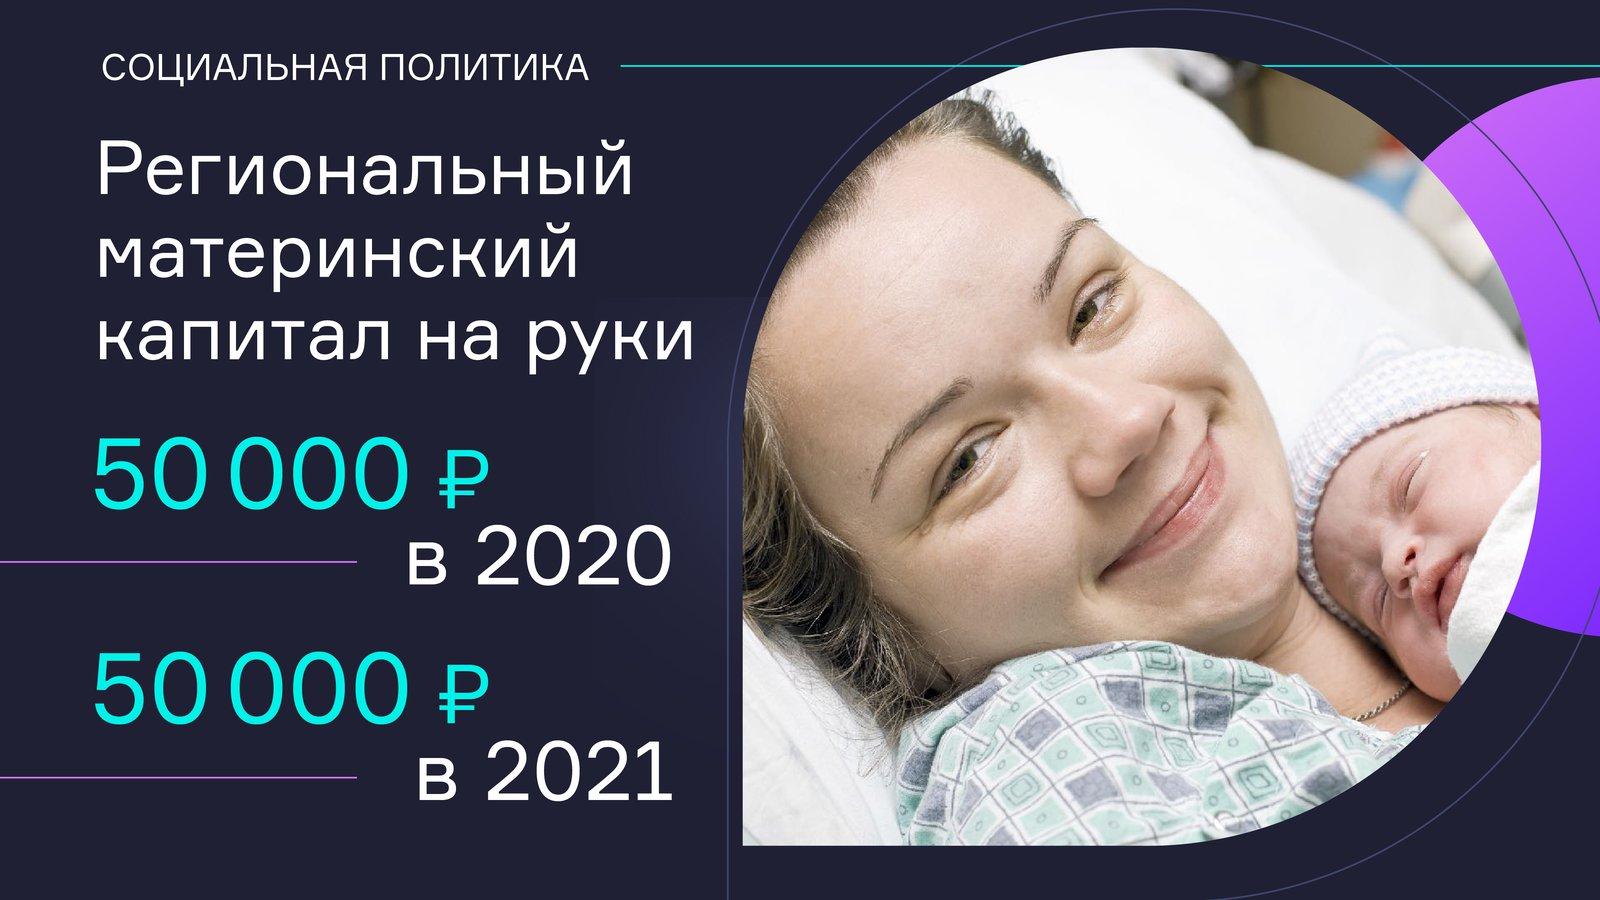 Андрей Воробьев губернатор московской области - Растущее Подмосковье. Дополнительная поддержка для семей